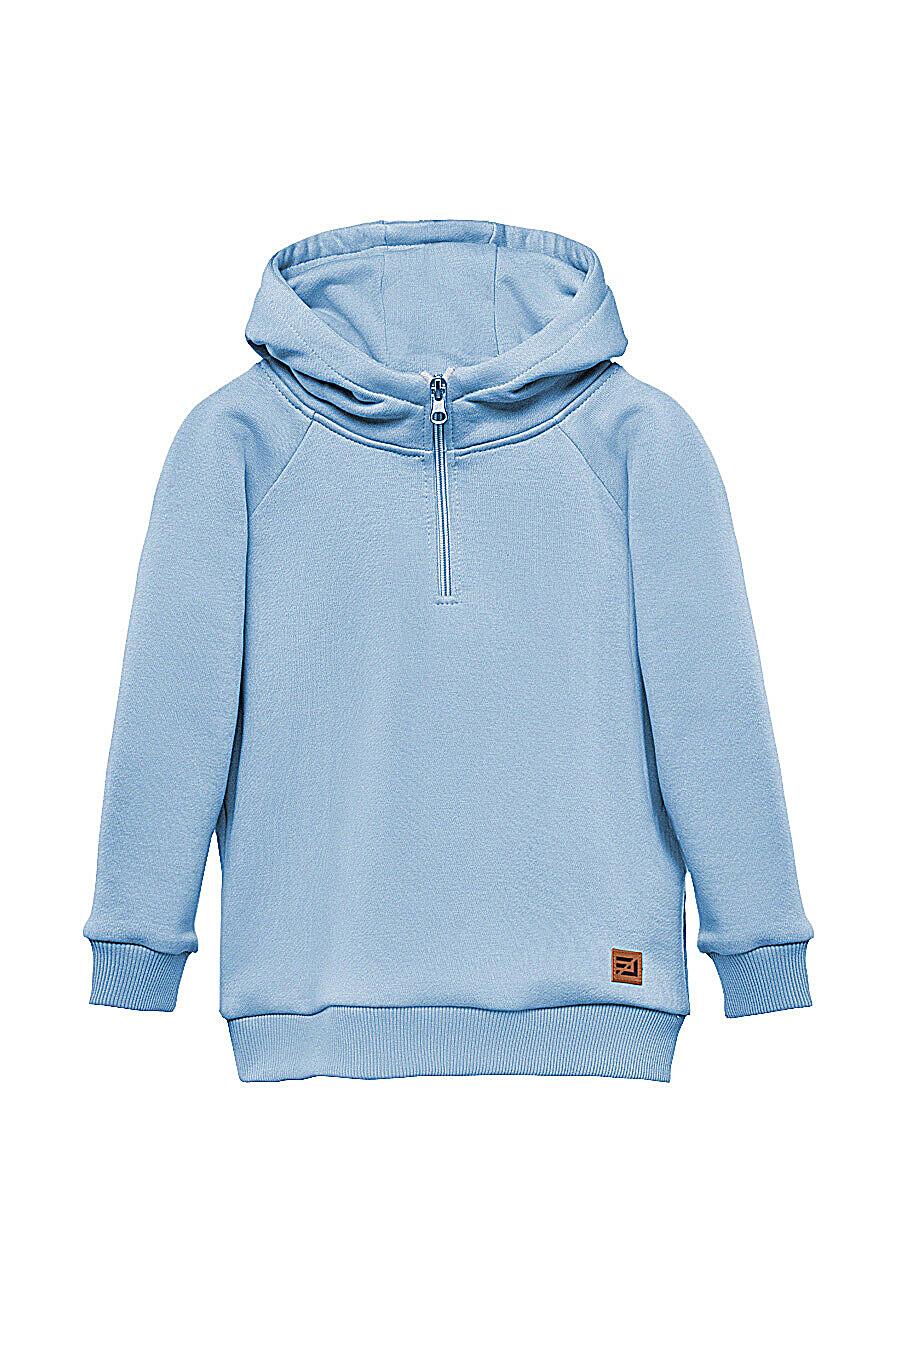 Худи для девочек EZANNA 668045 купить оптом от производителя. Совместная покупка детской одежды в OptMoyo